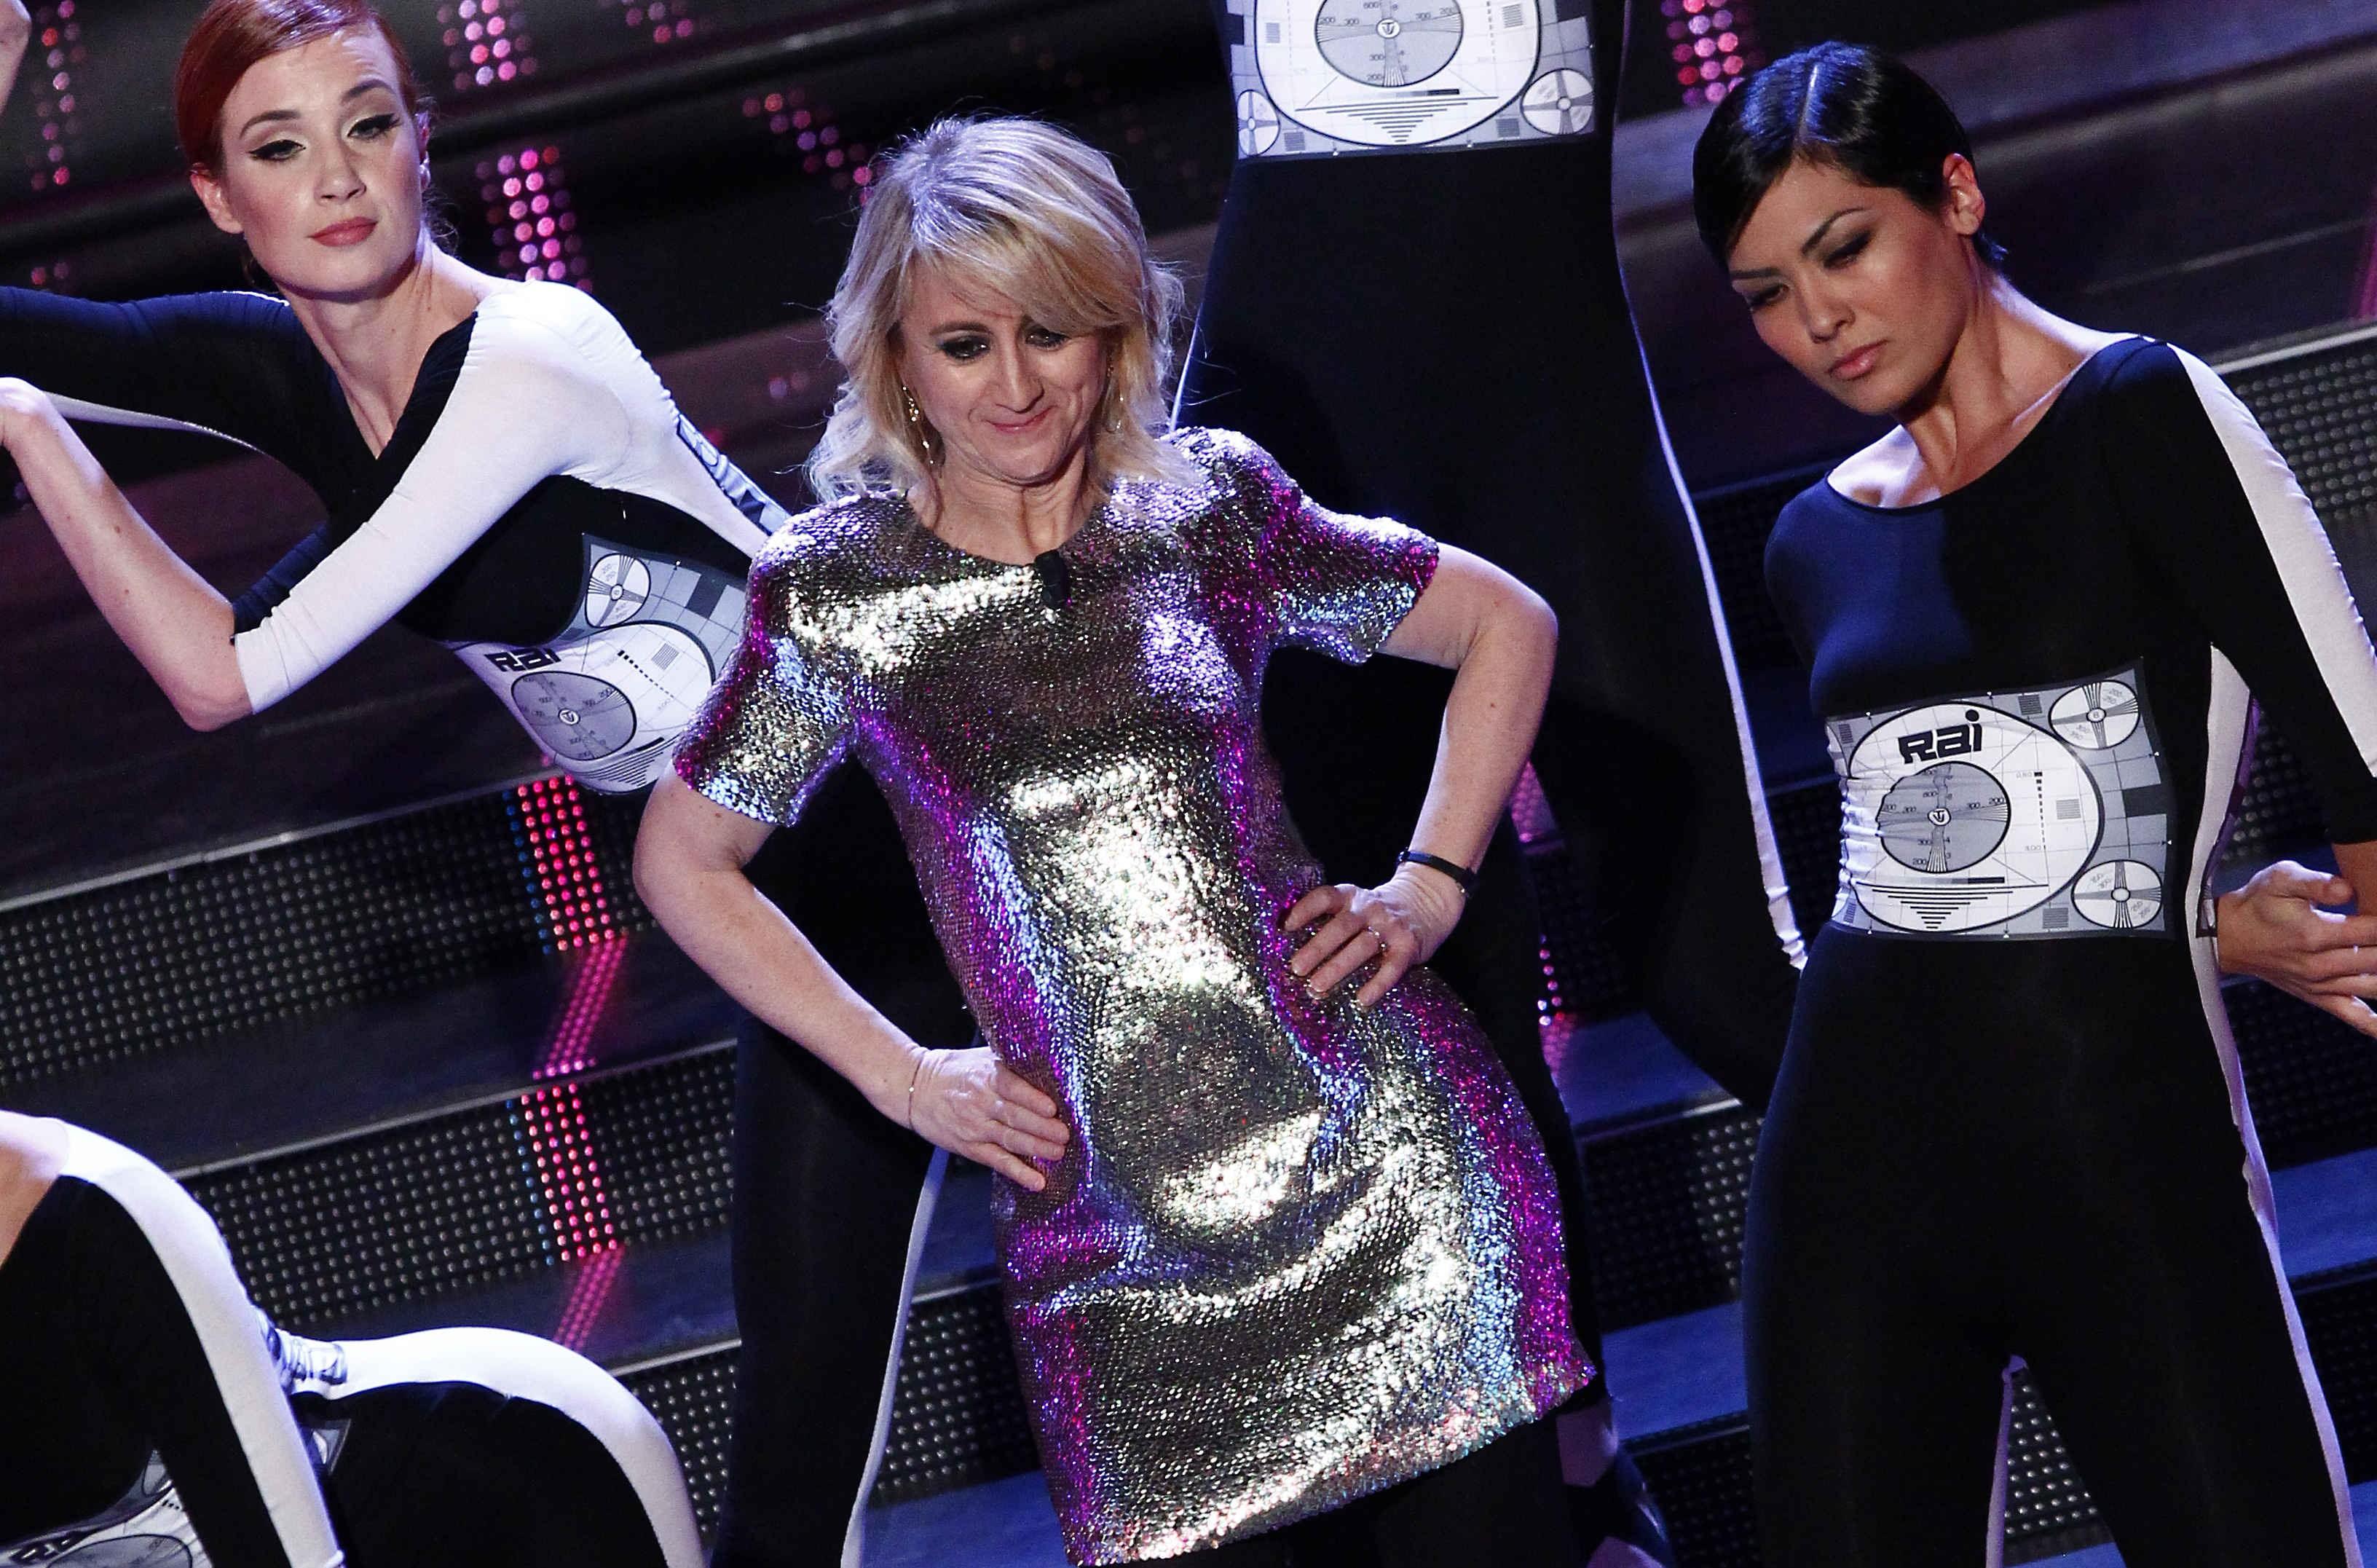 Sanremo 2014: il meglio e il peggio della quarta serata (FOTO)